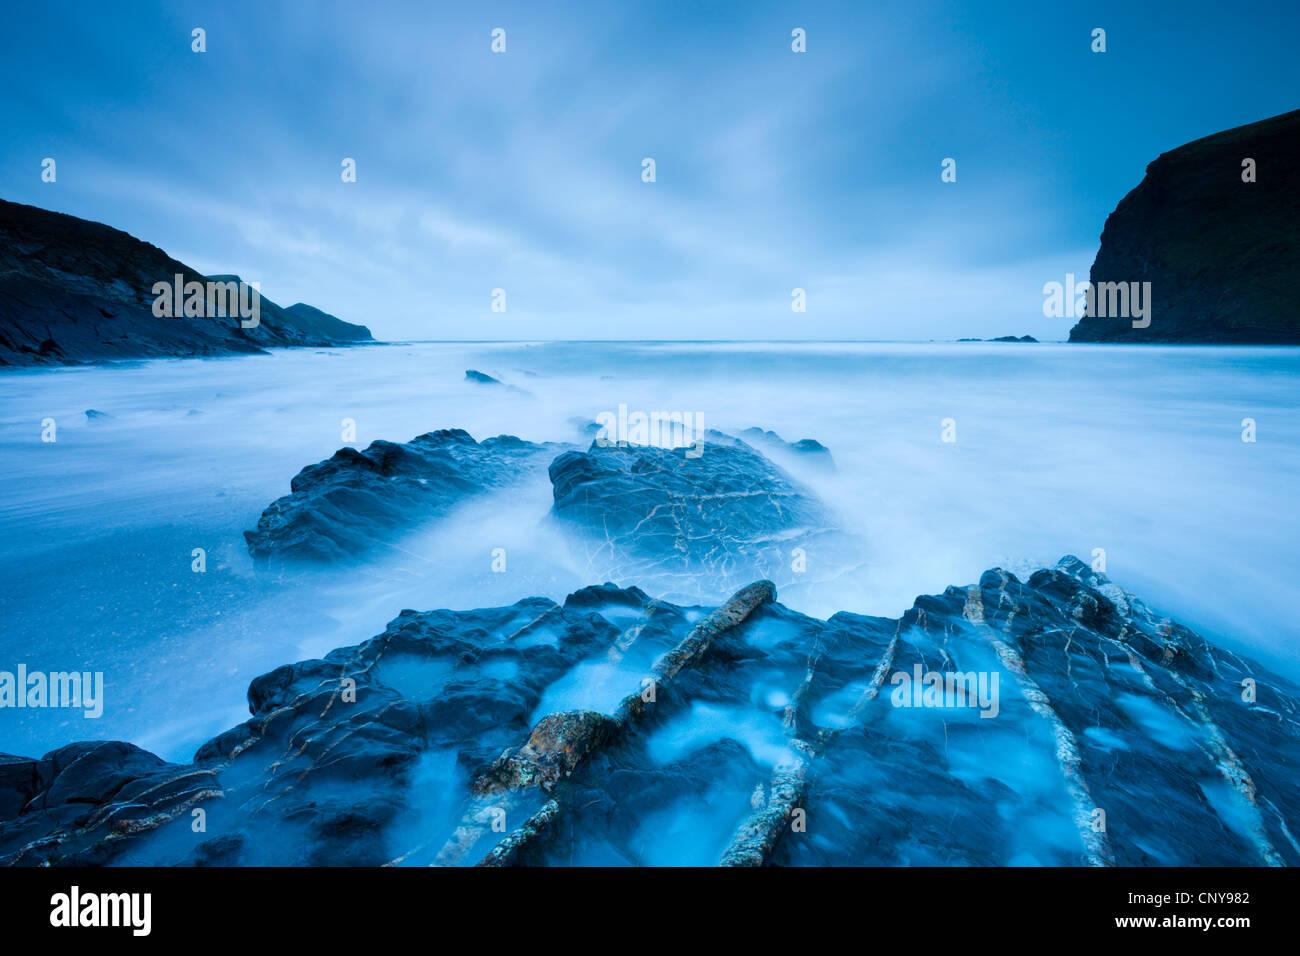 Une longue exposition au crépuscule sur Crackington Haven Beach sur North Cornwall, Angleterre. Mars 2009 Photo Stock